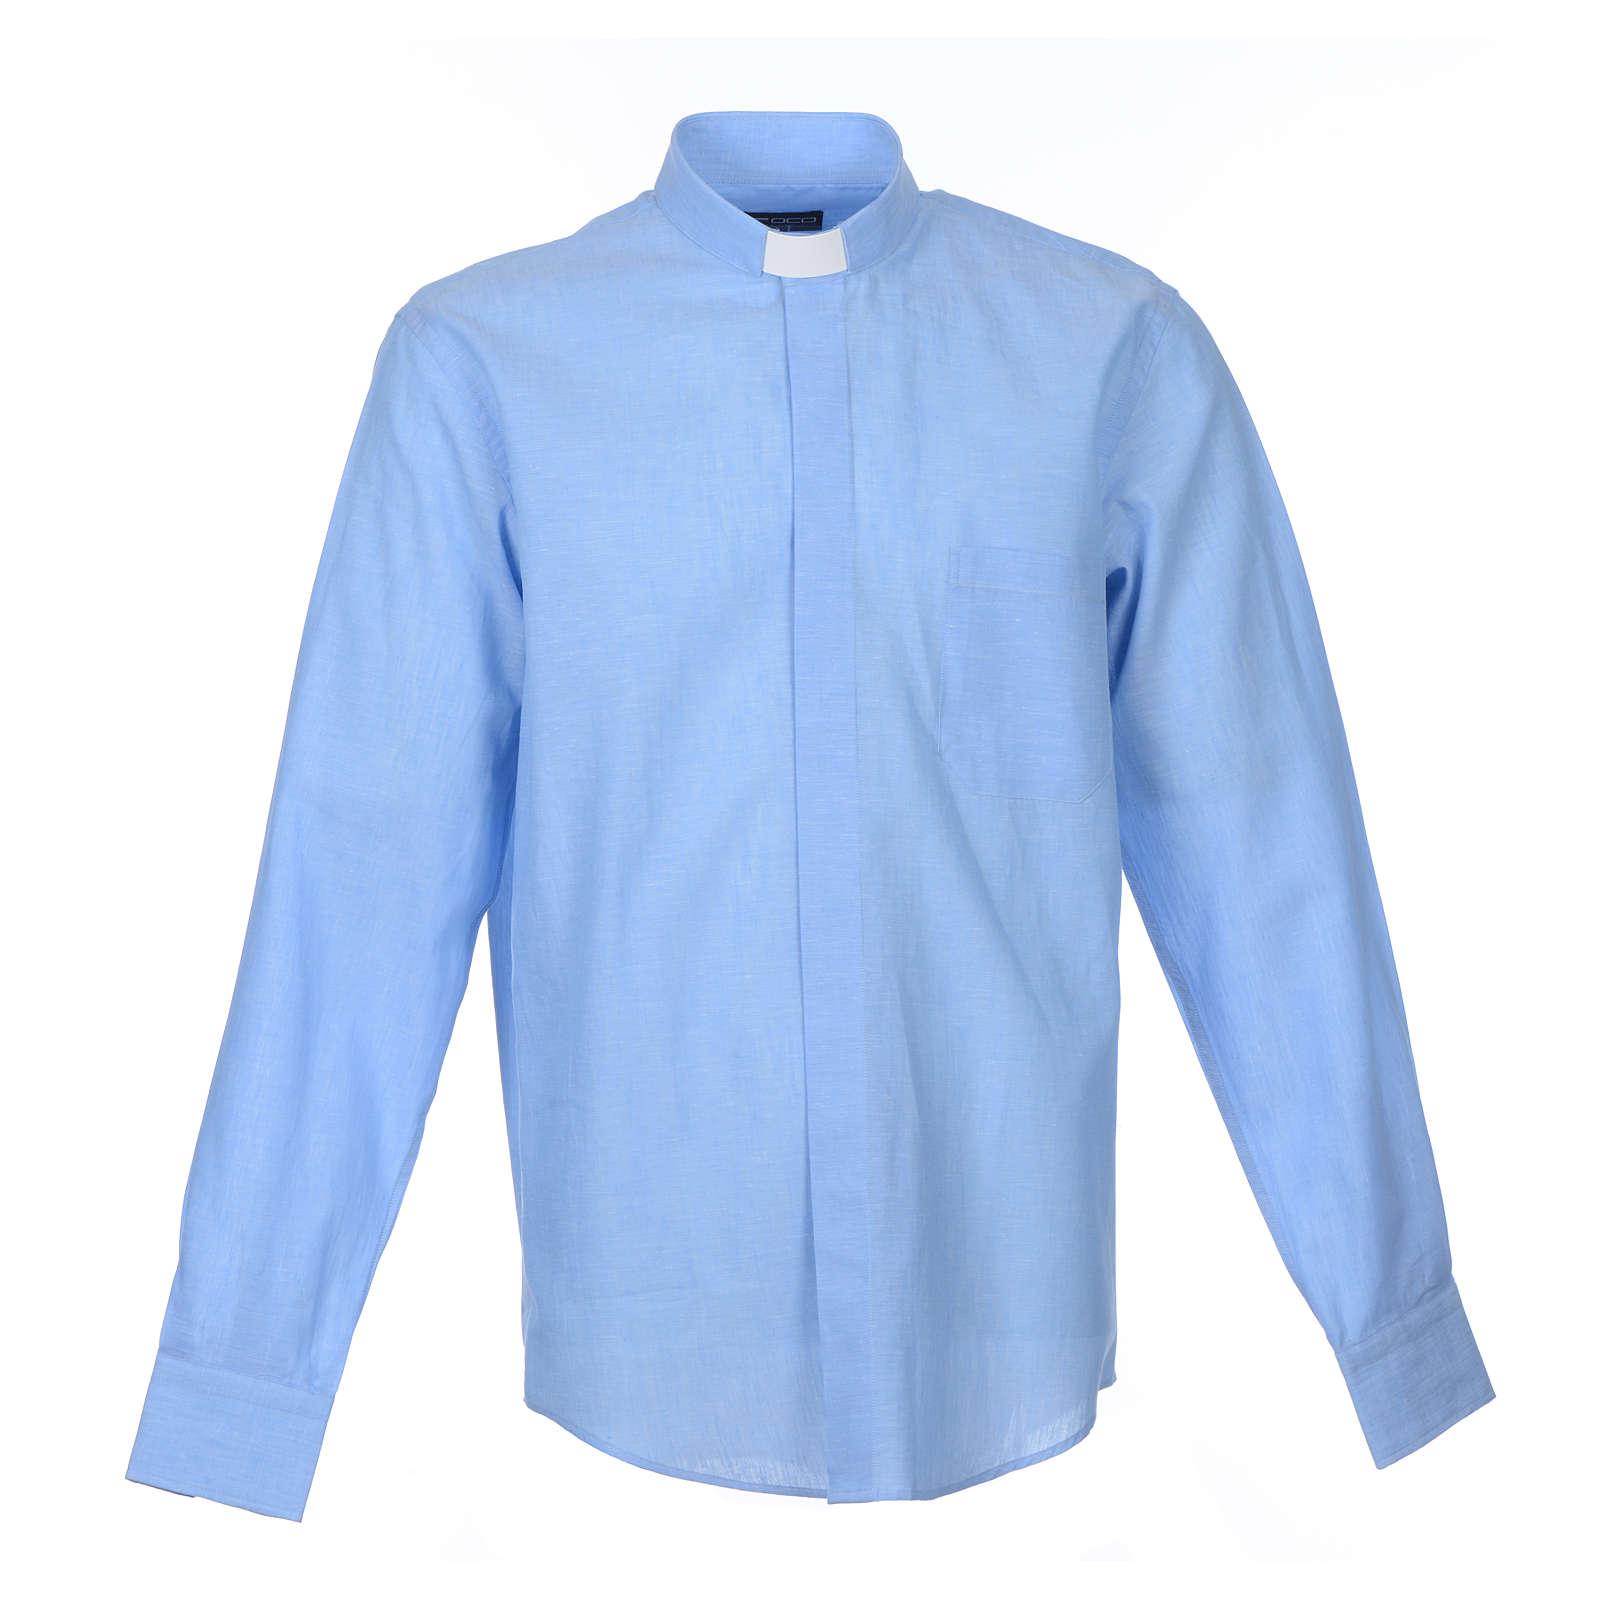 Clergyman shirt, long sleeves in light blue linen 4